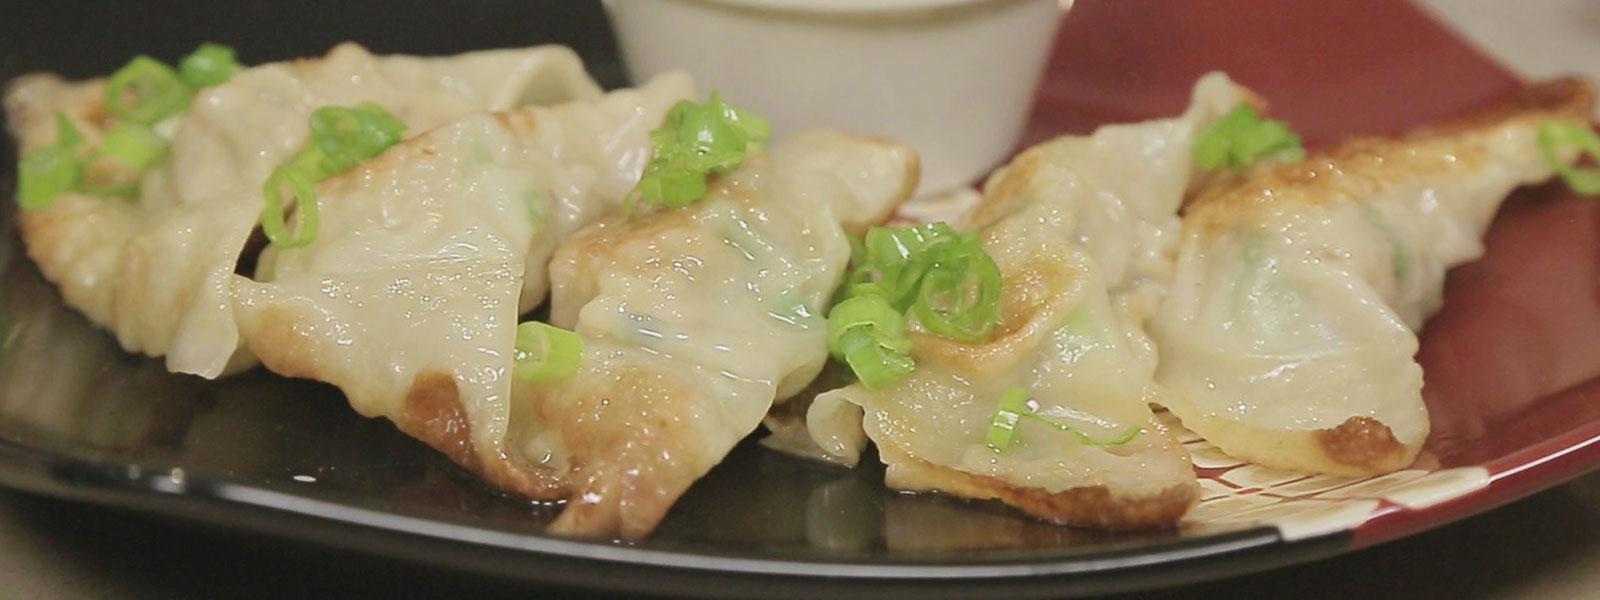 Pork & Ginger Dumplings